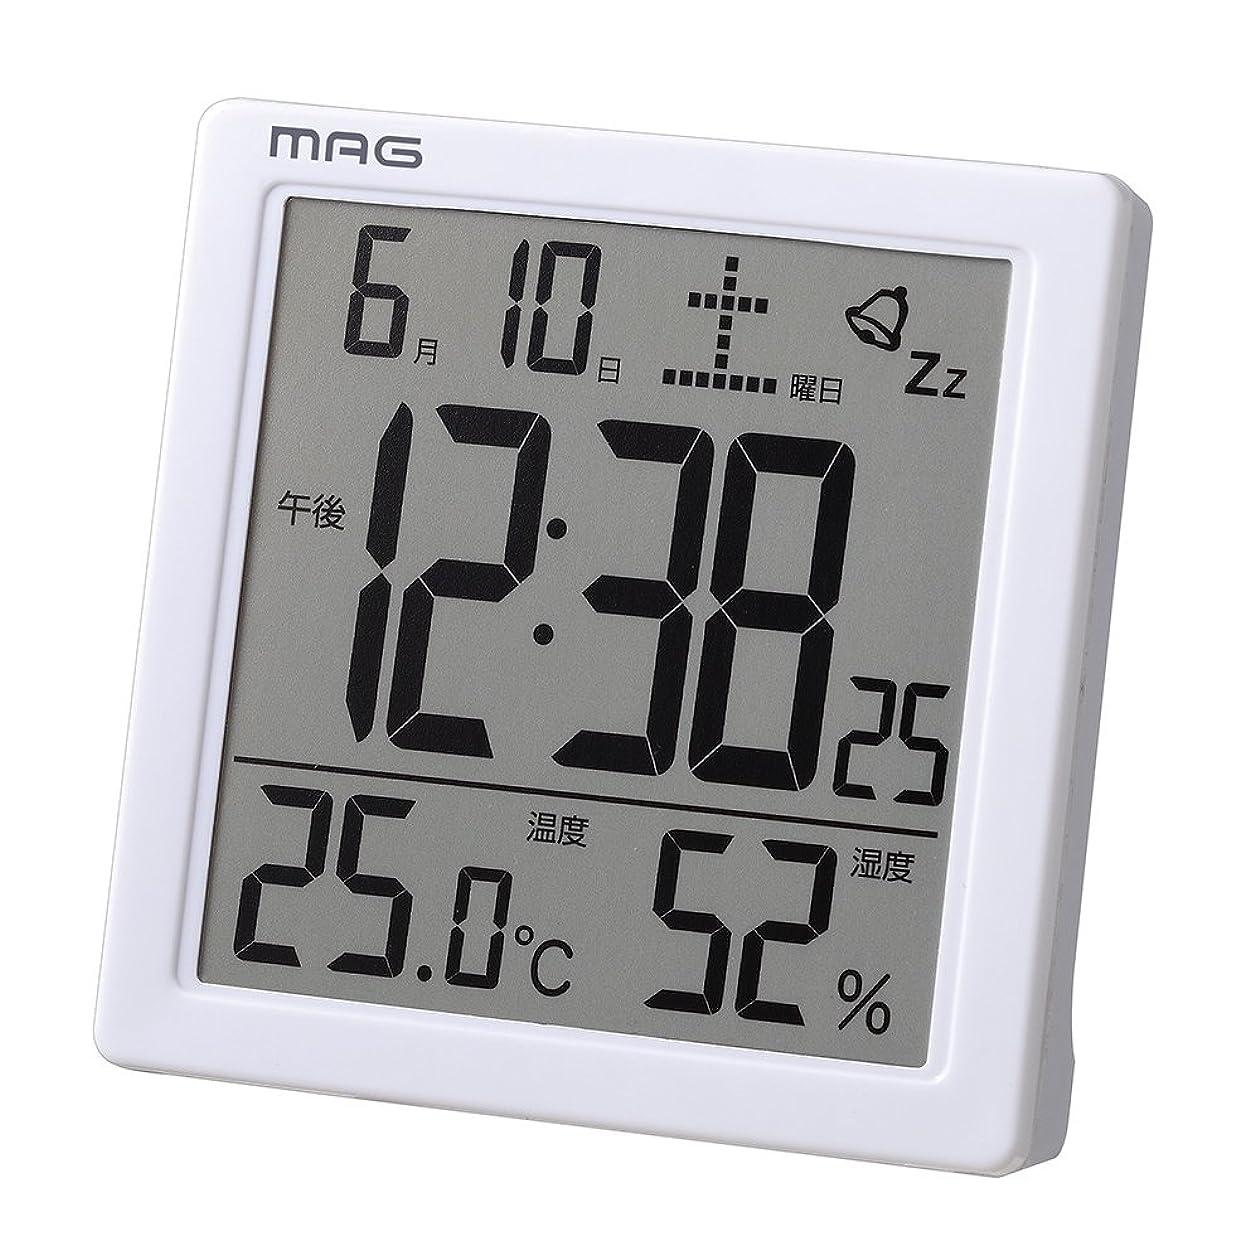 不平を言うコジオスコ光のMAG(マグ) 目覚まし時計 非電波 デジタル カッシーニ 温度 湿度 カレンダー表示 ホワイト T-726WH-Z